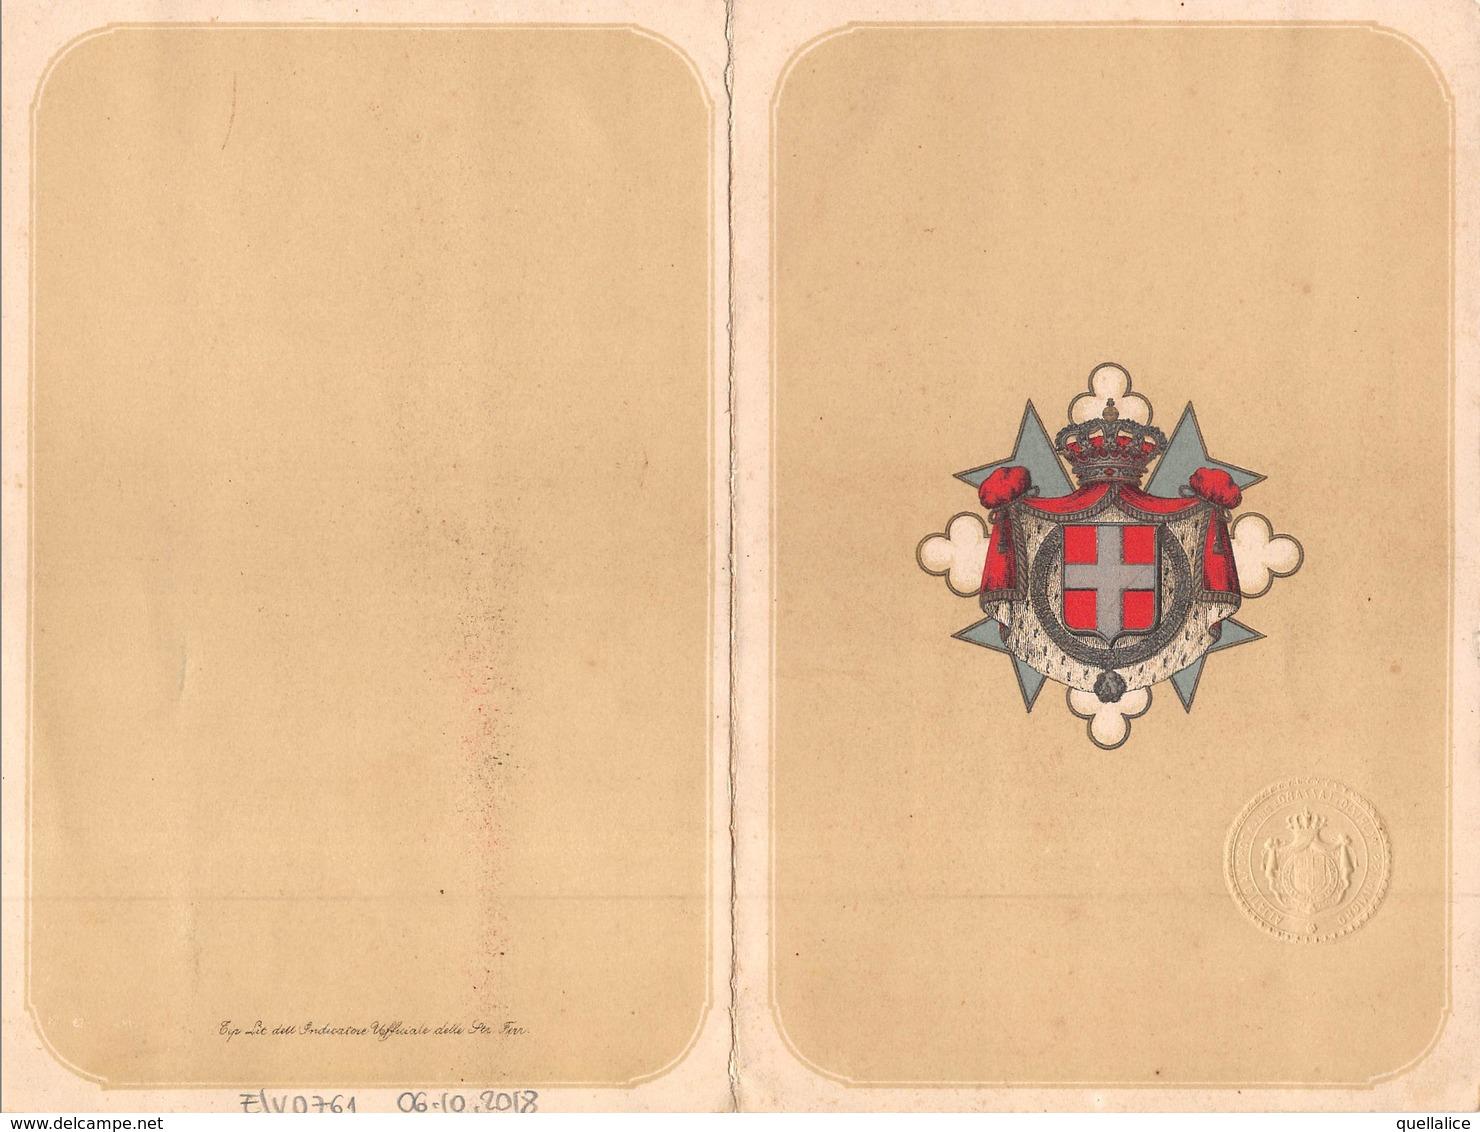 """0996 """"TORINO-INVITO INAUGURAZIONE NUOVO OSPEDALE MAURIZIANO-D'ORDINE DI SUA MAESTA'....C. CORRENTI-8 NOVEMBRE 1881"""" """" - Tickets D'entrée"""